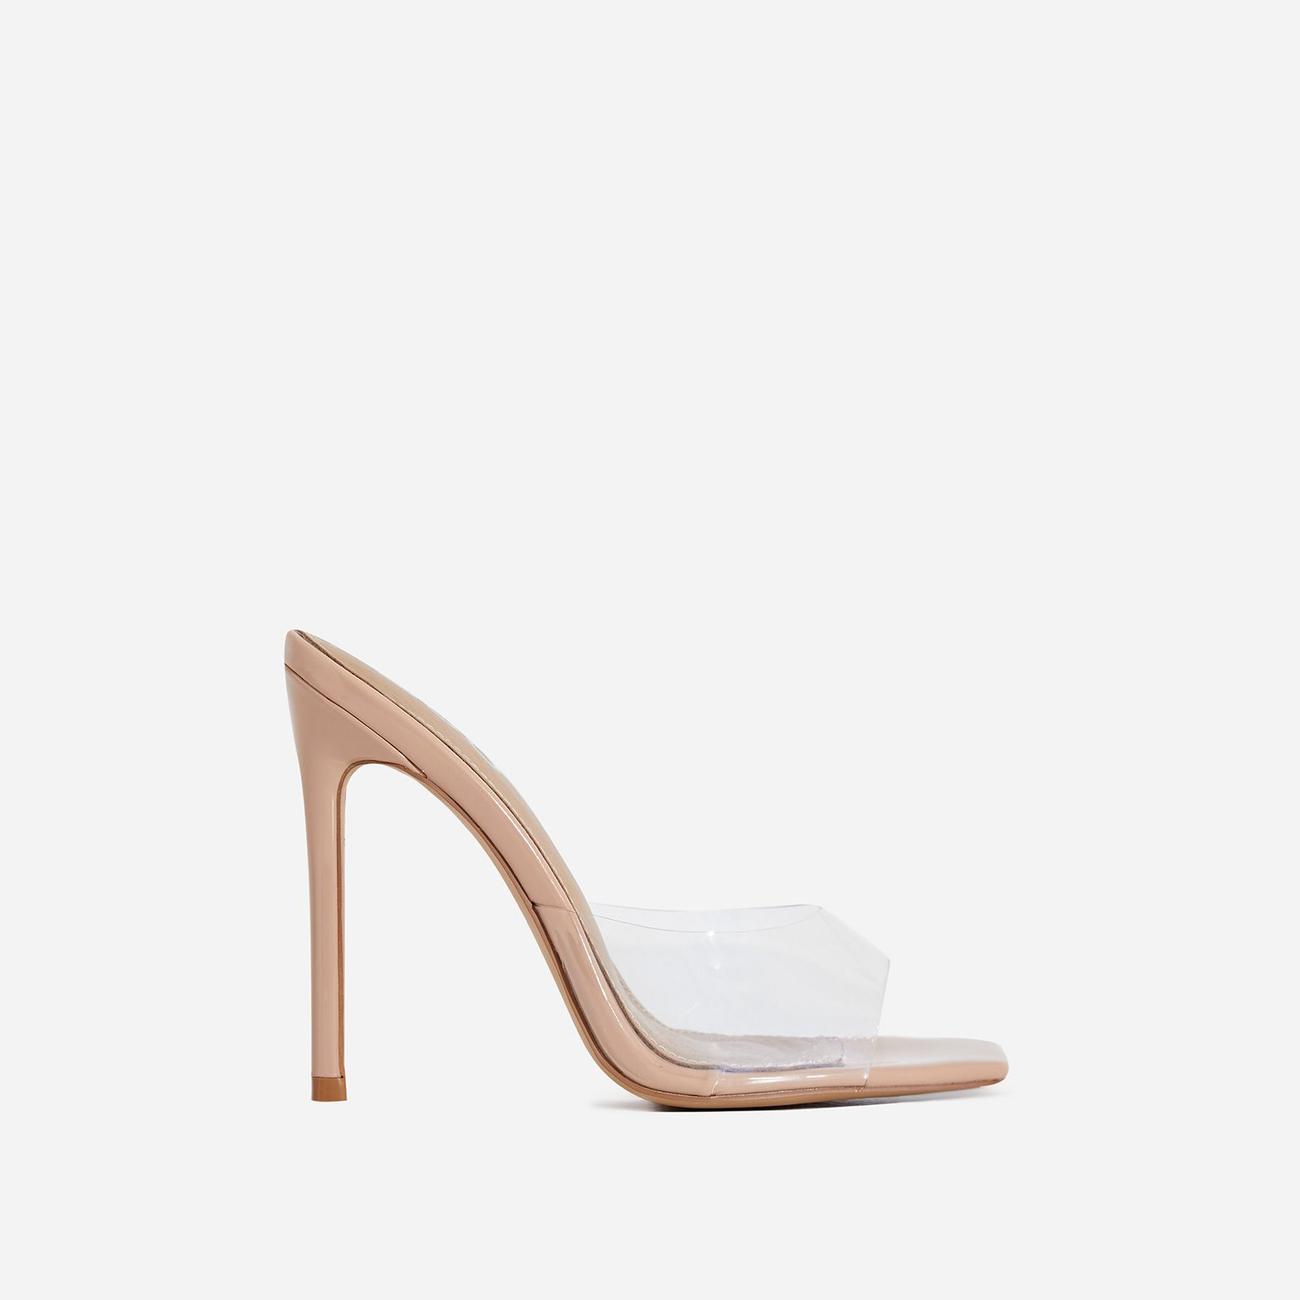 Cyan Square Toe Clear Perspex Peep Toe Heel Mule In Nude Patent Image 2